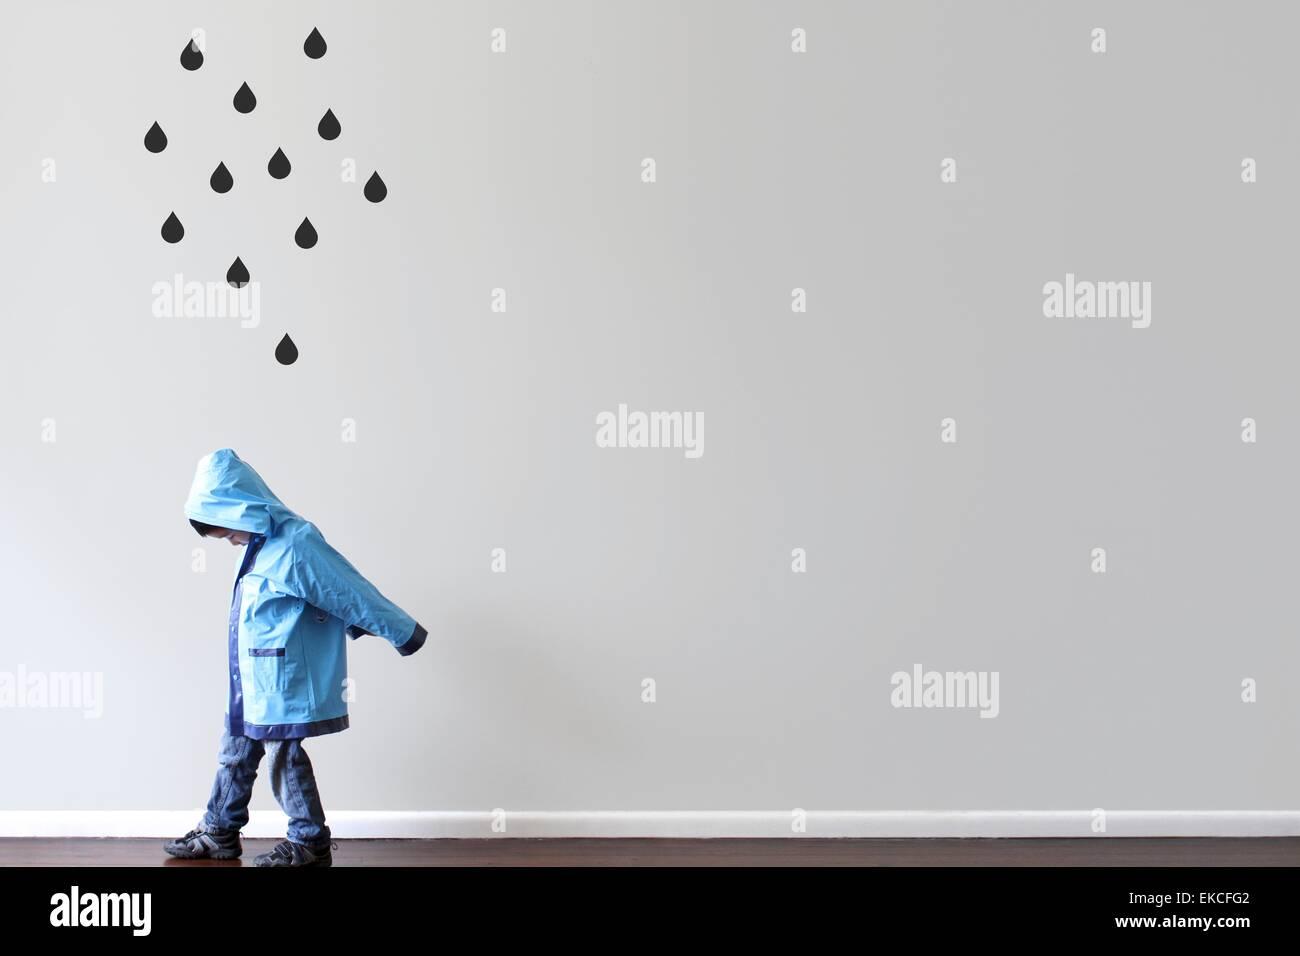 Chico en impermeable caminando por una pared con gotas de lluvia negro pintado en la pared Imagen De Stock